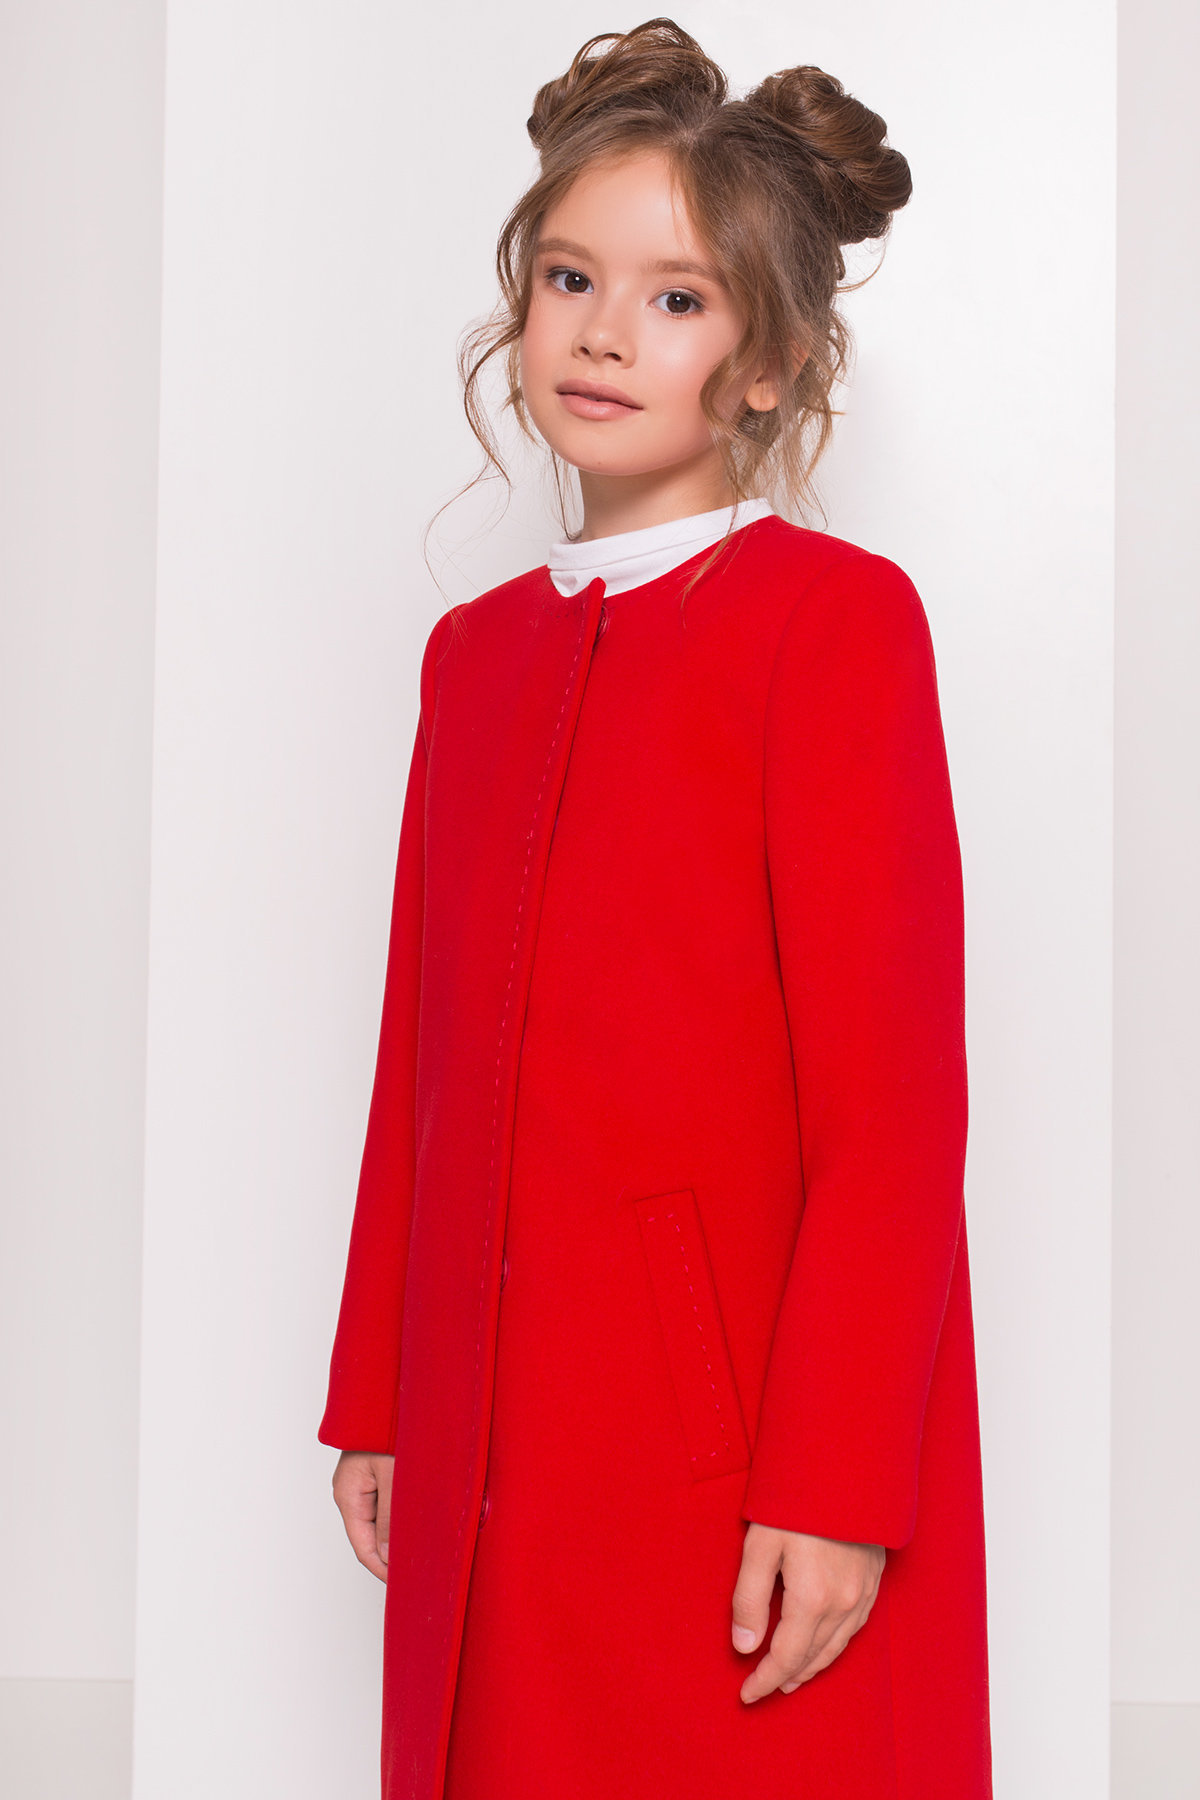 Пальто детское Чита 5297 АРТ. 38350 Цвет: Красный - фото 4, интернет магазин tm-modus.ru